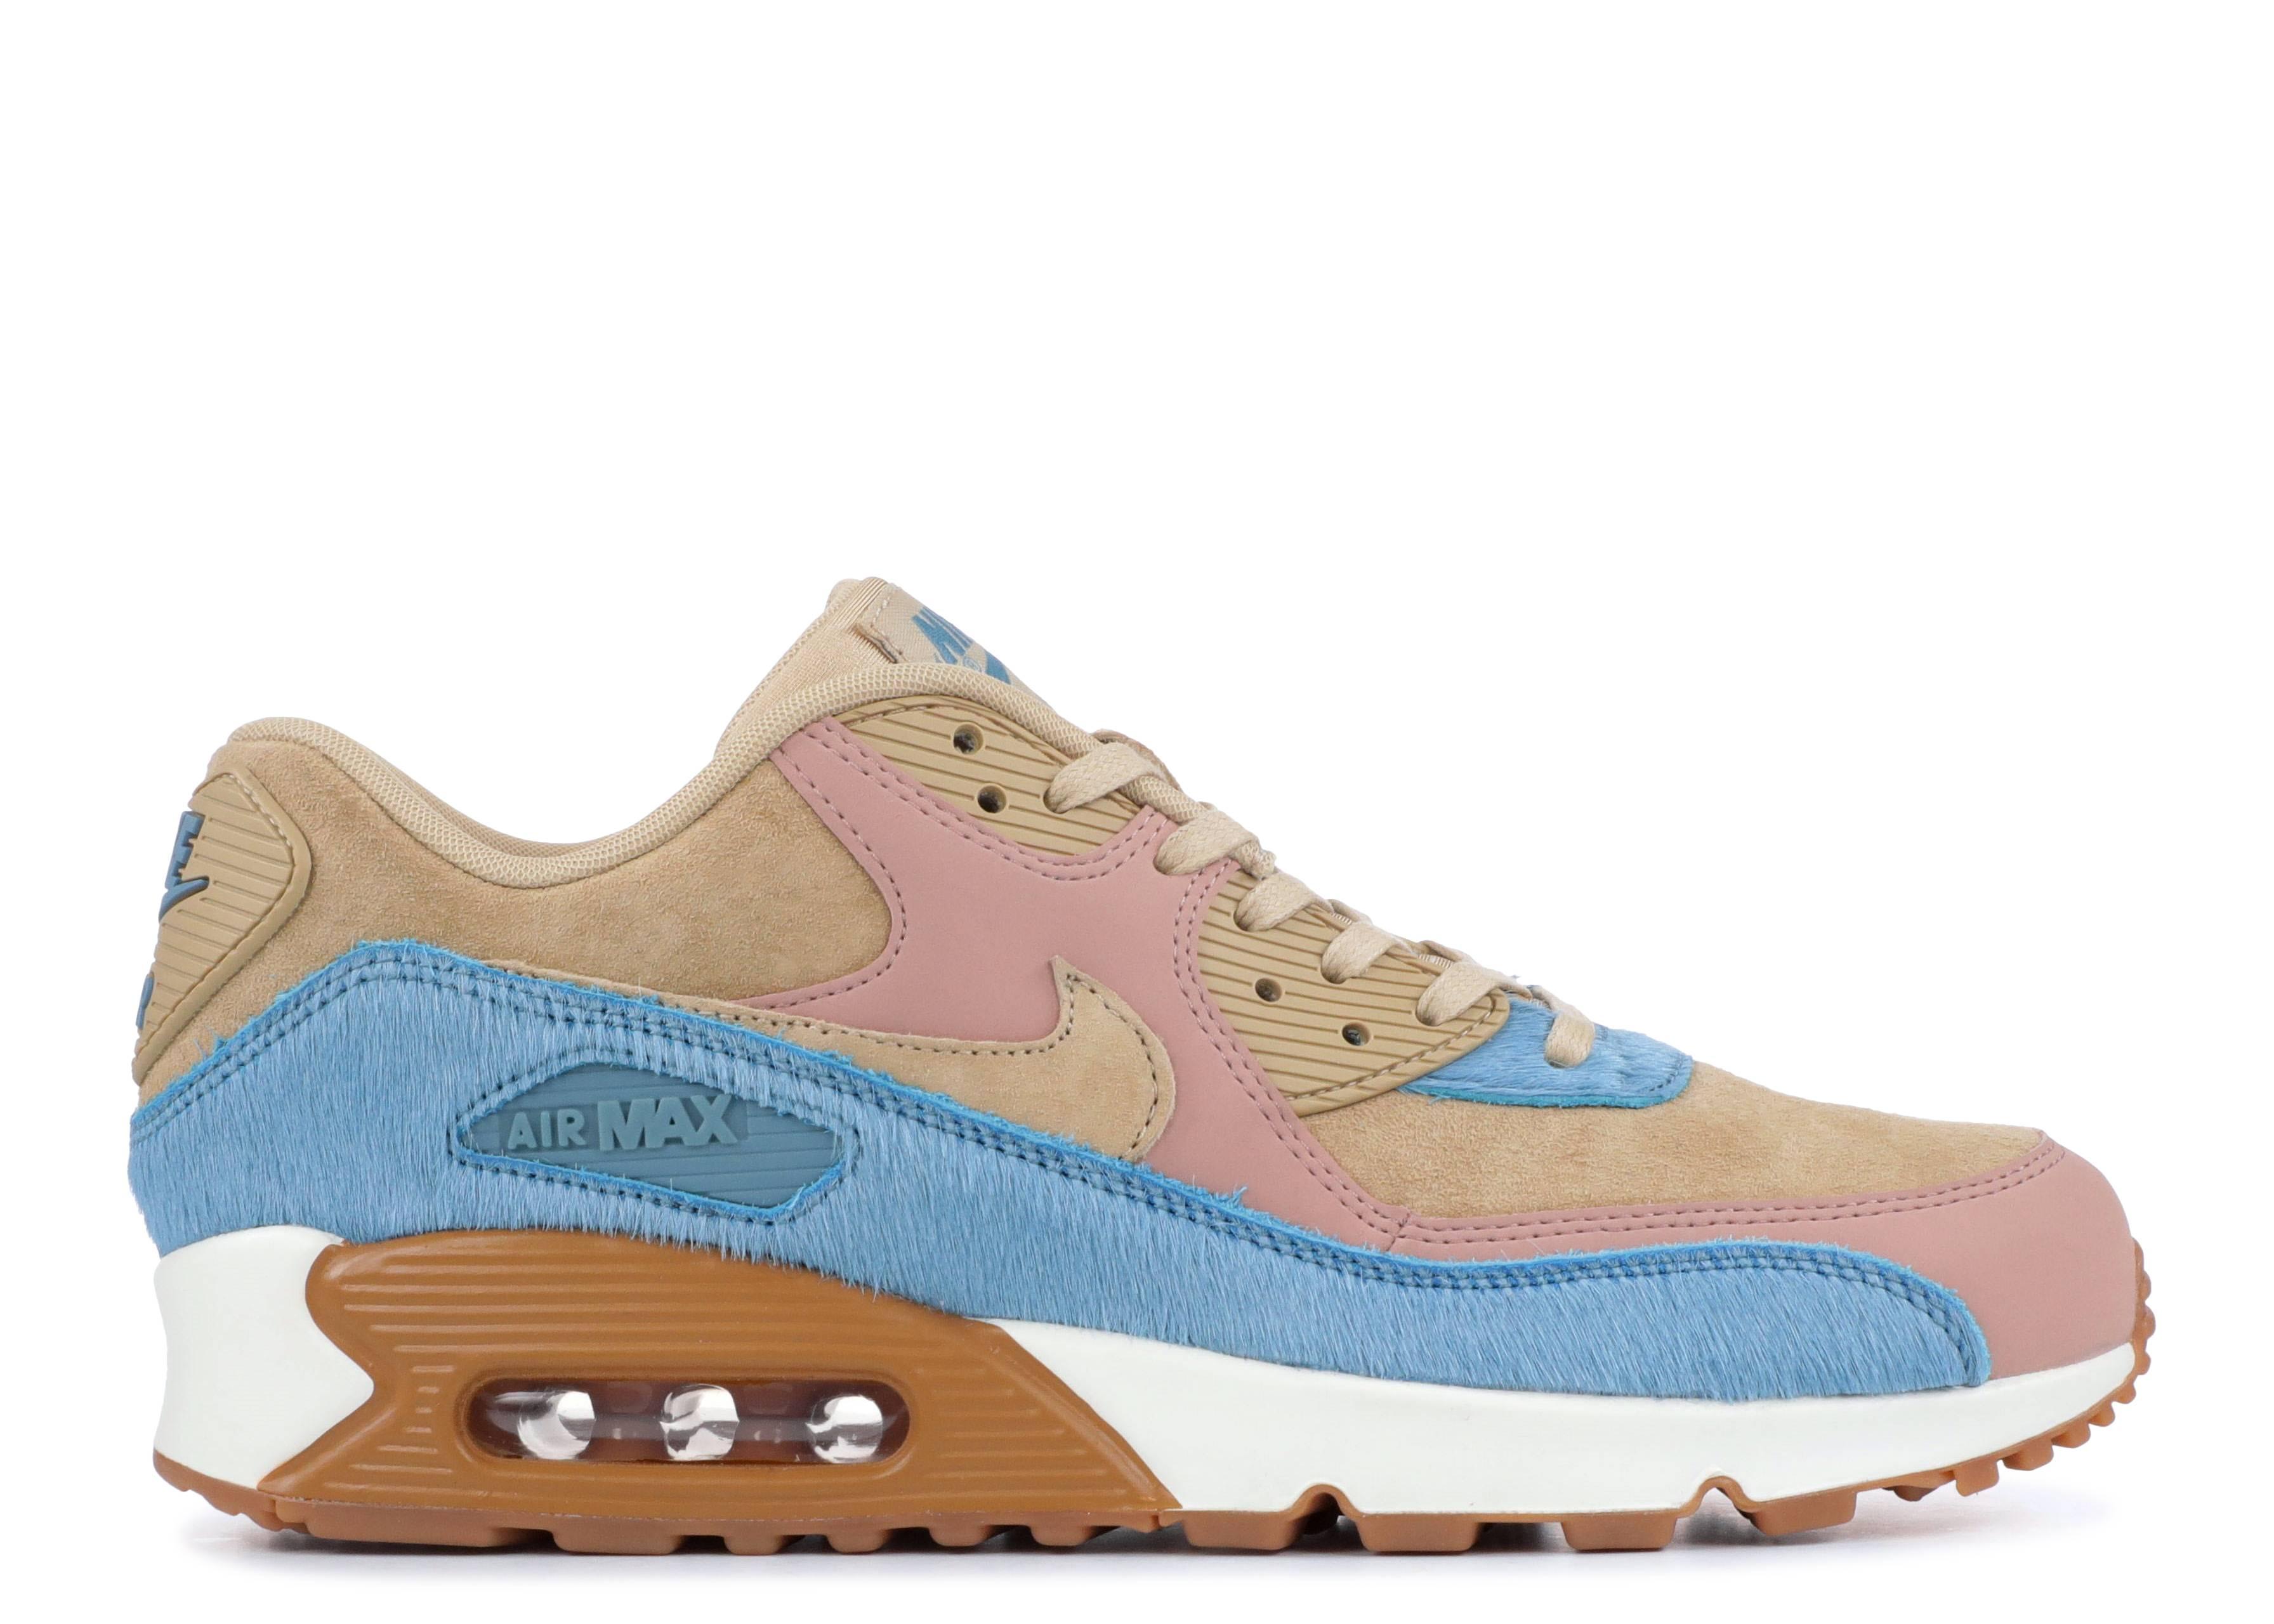 55a8c7c6c188 Wmns Air Max 90 Lx - Nike - 898512 200 - mushroom mushroom-smokey ...